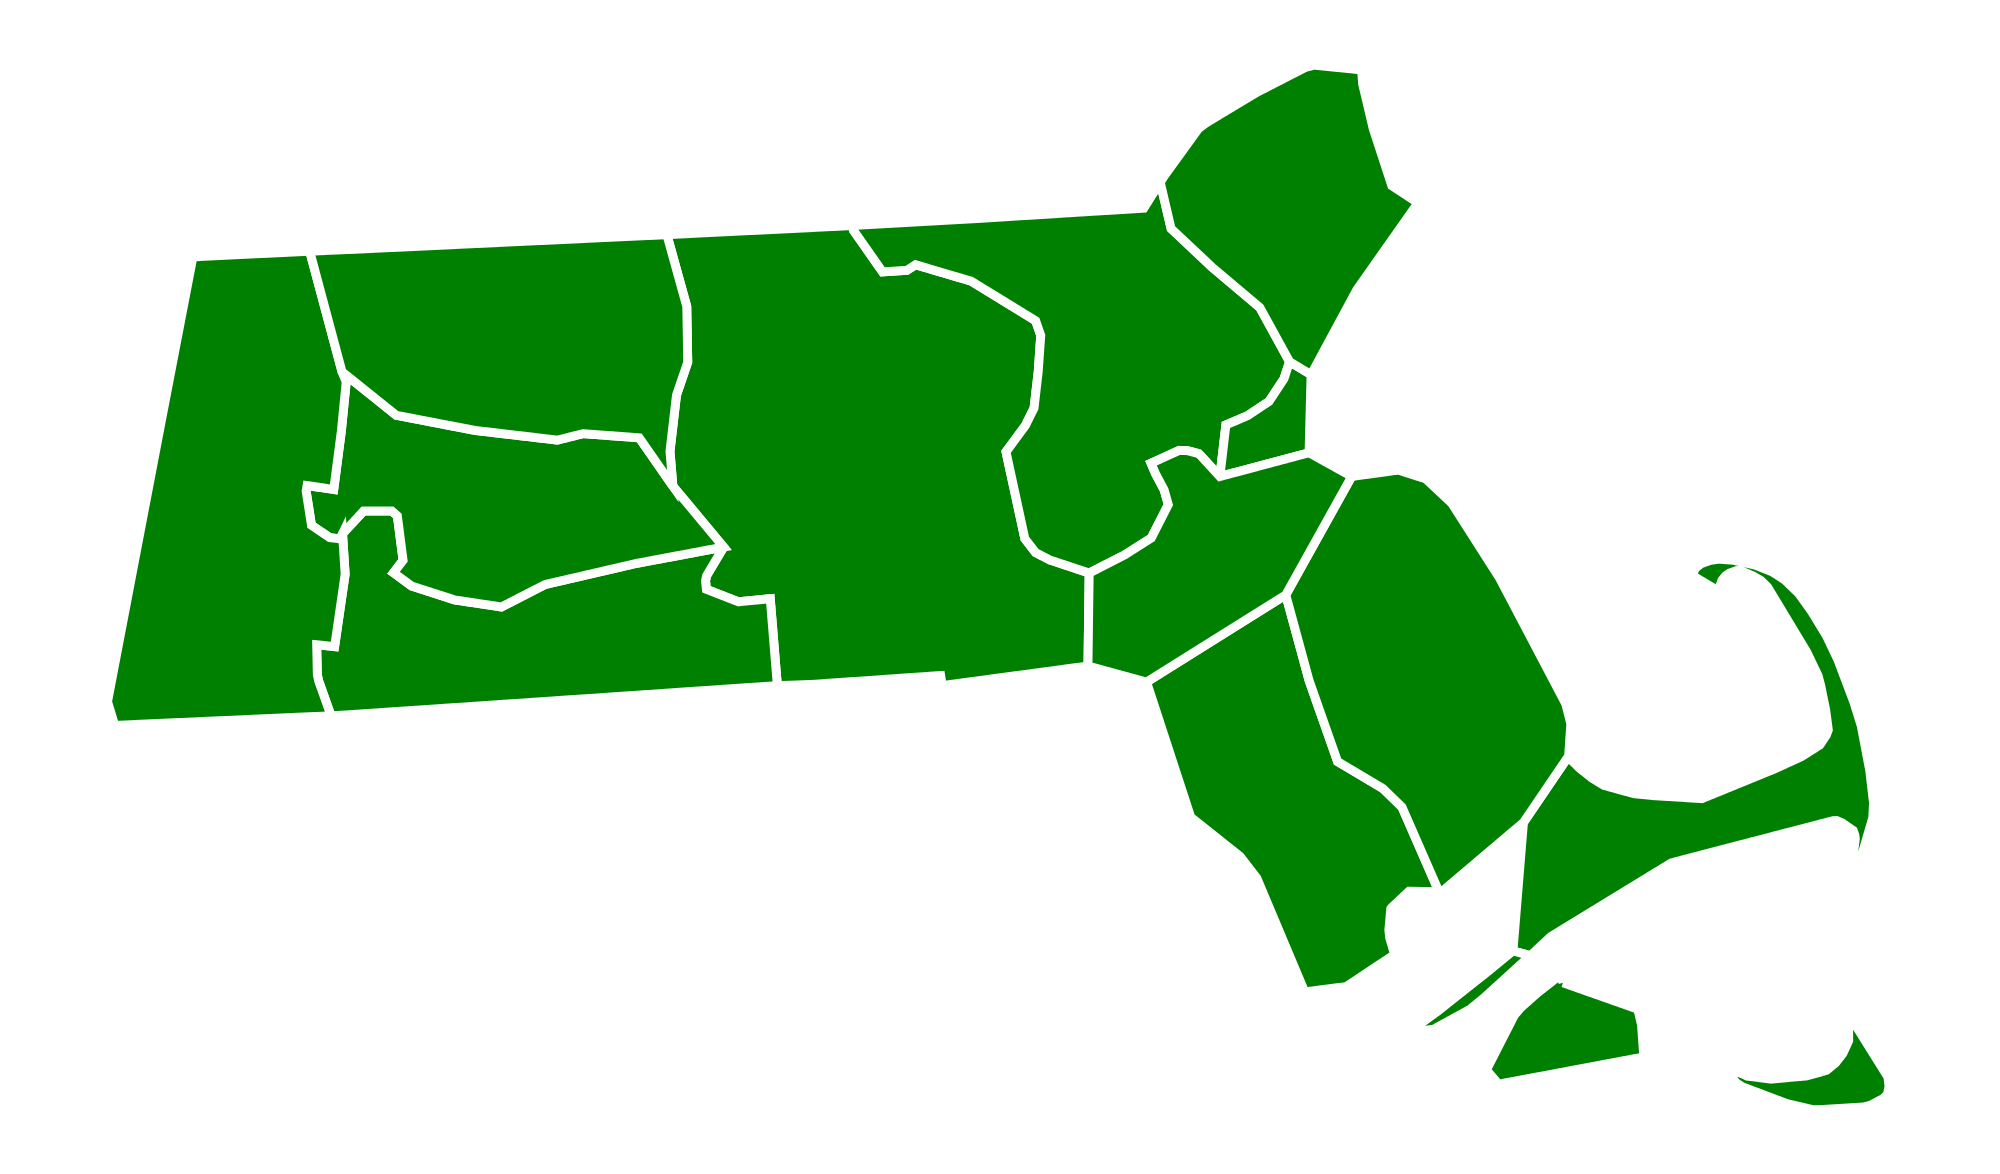 WMGC - Western Mass. Green Consortium